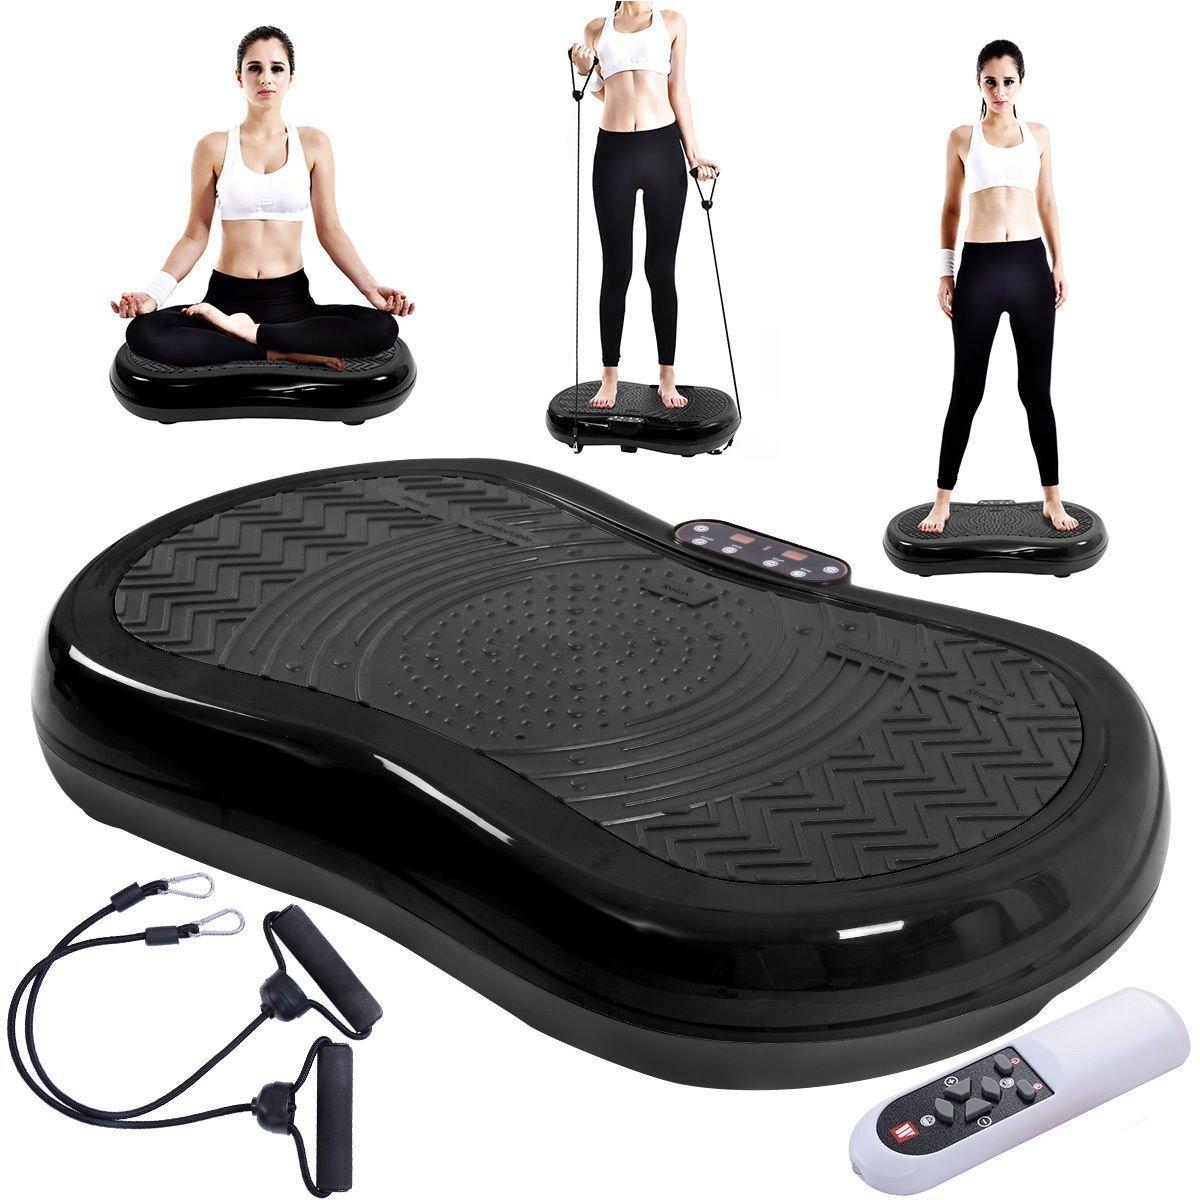 Tangkula Ultrathin Mini Crazy Fit Vibration Platform Massage Machine Fitness Gym (Black) by Tangkula (Image #3)